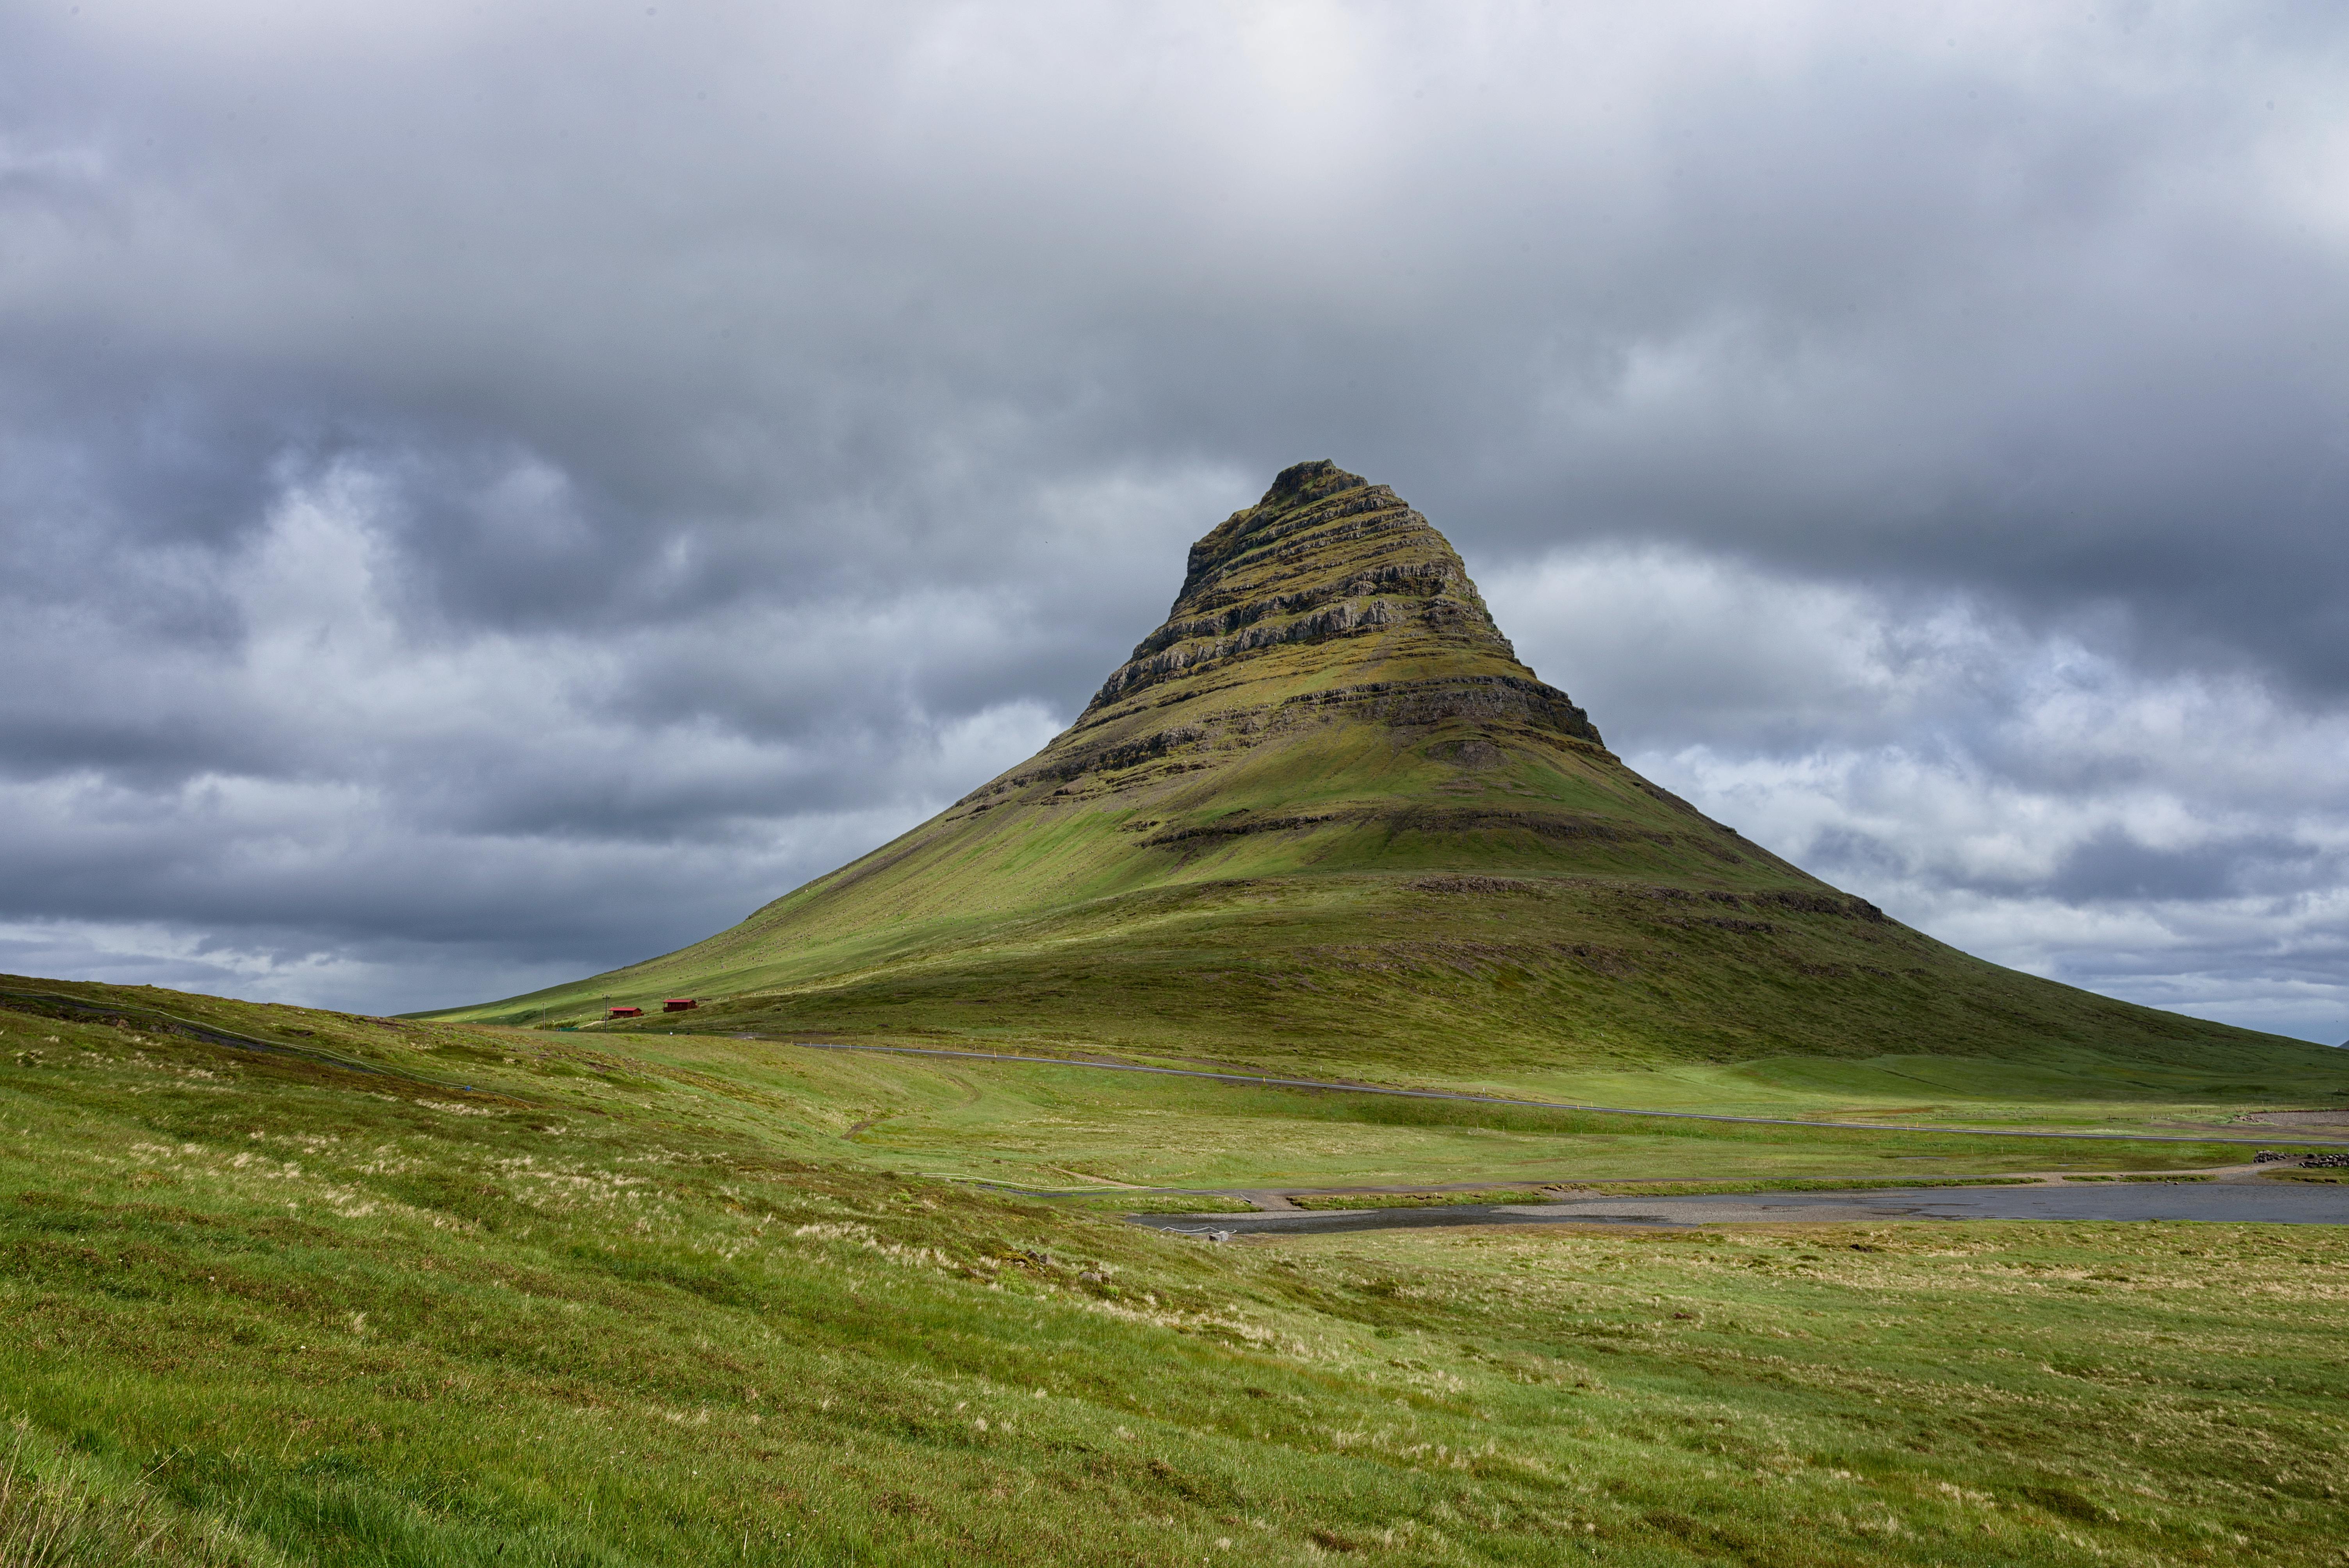 140834 Salvapantallas y fondos de pantalla Paisaje en tu teléfono. Descarga imágenes de Montaña, Vértice, Arriba, Cerro, Loma, Naturaleza, Islandia, Paisaje gratis